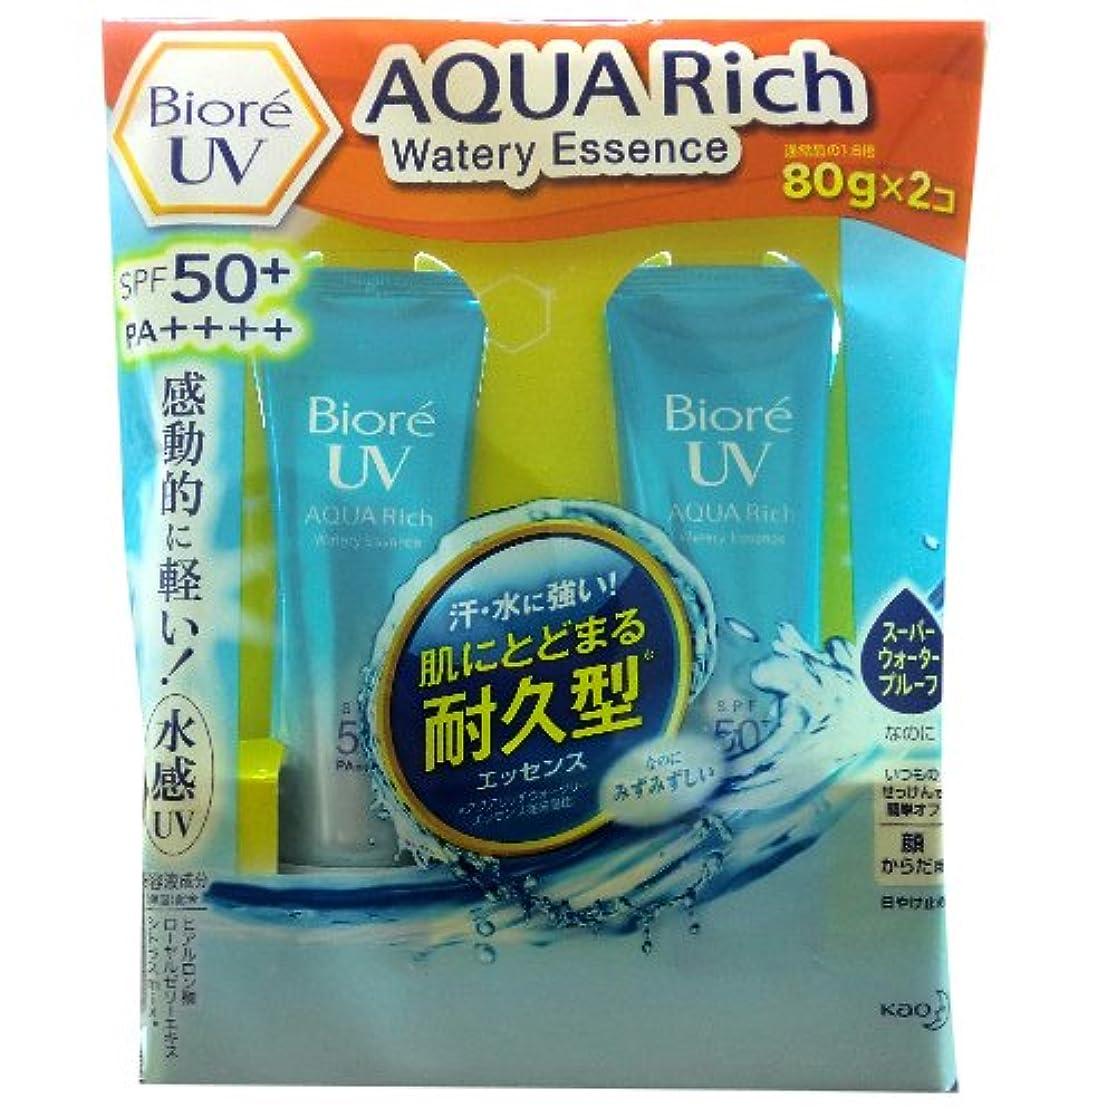 ギャンブルチョップ育成Biore UV AQUA Rich Watery Essence 80g×2コ